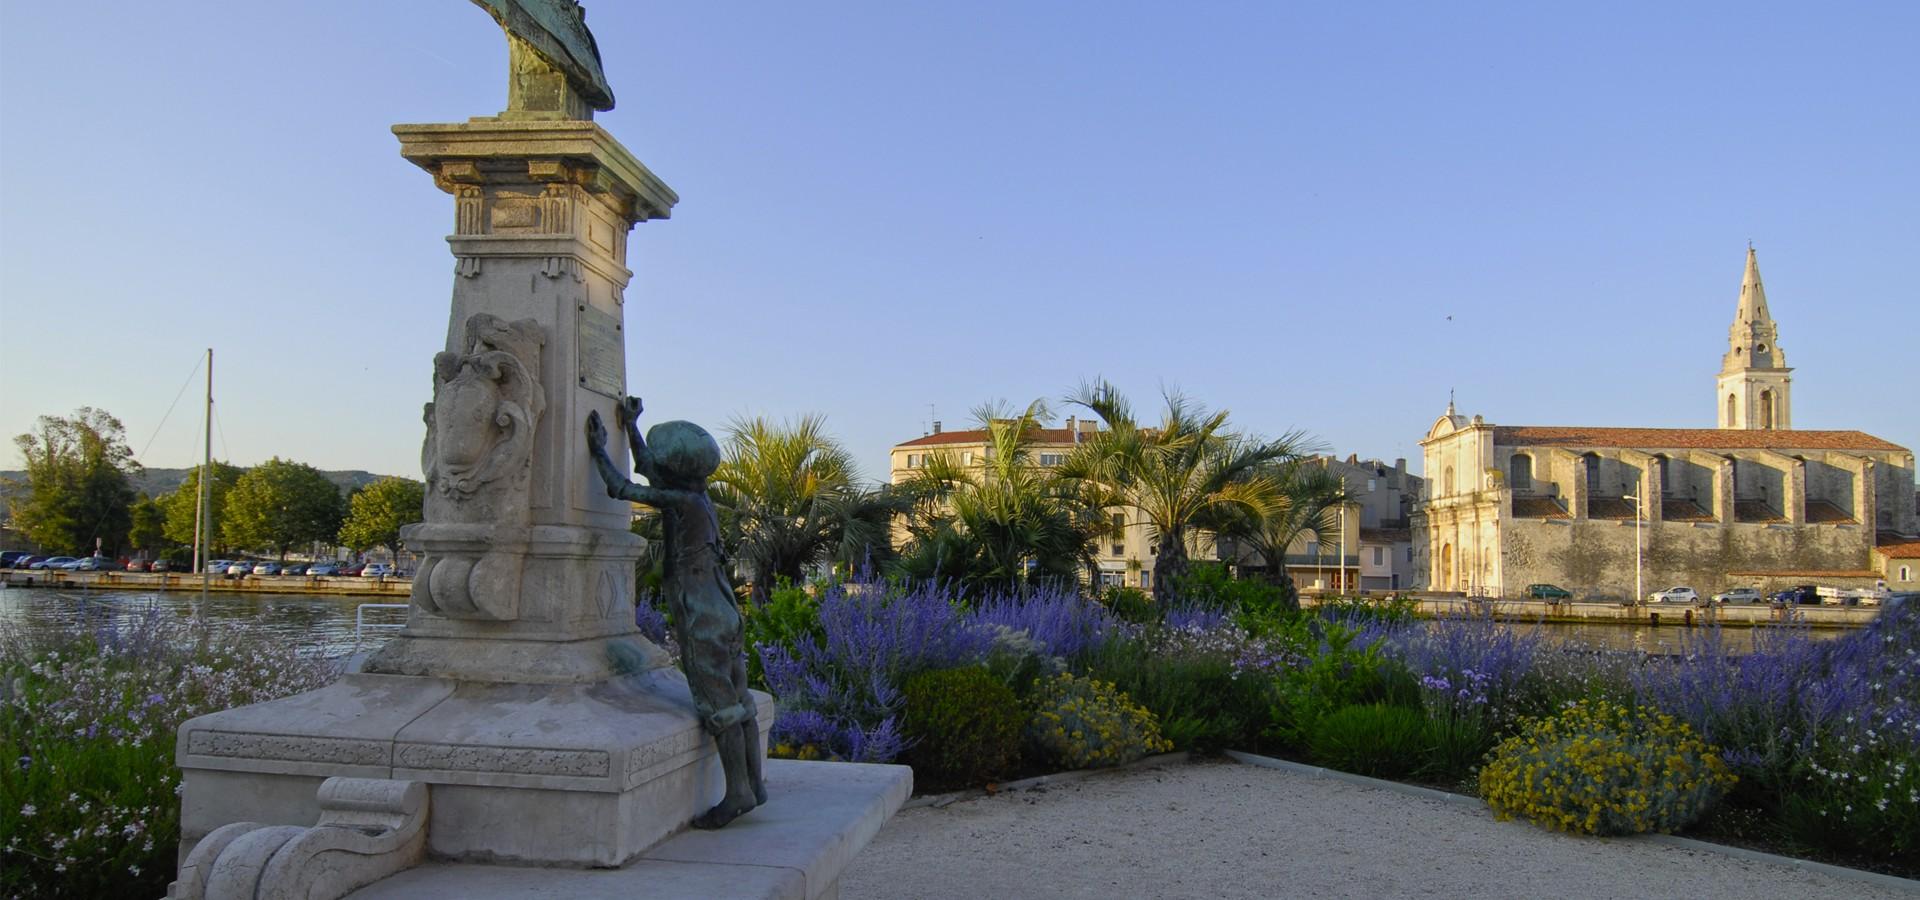 Les activités pendant les vacances scolaires à Martigues